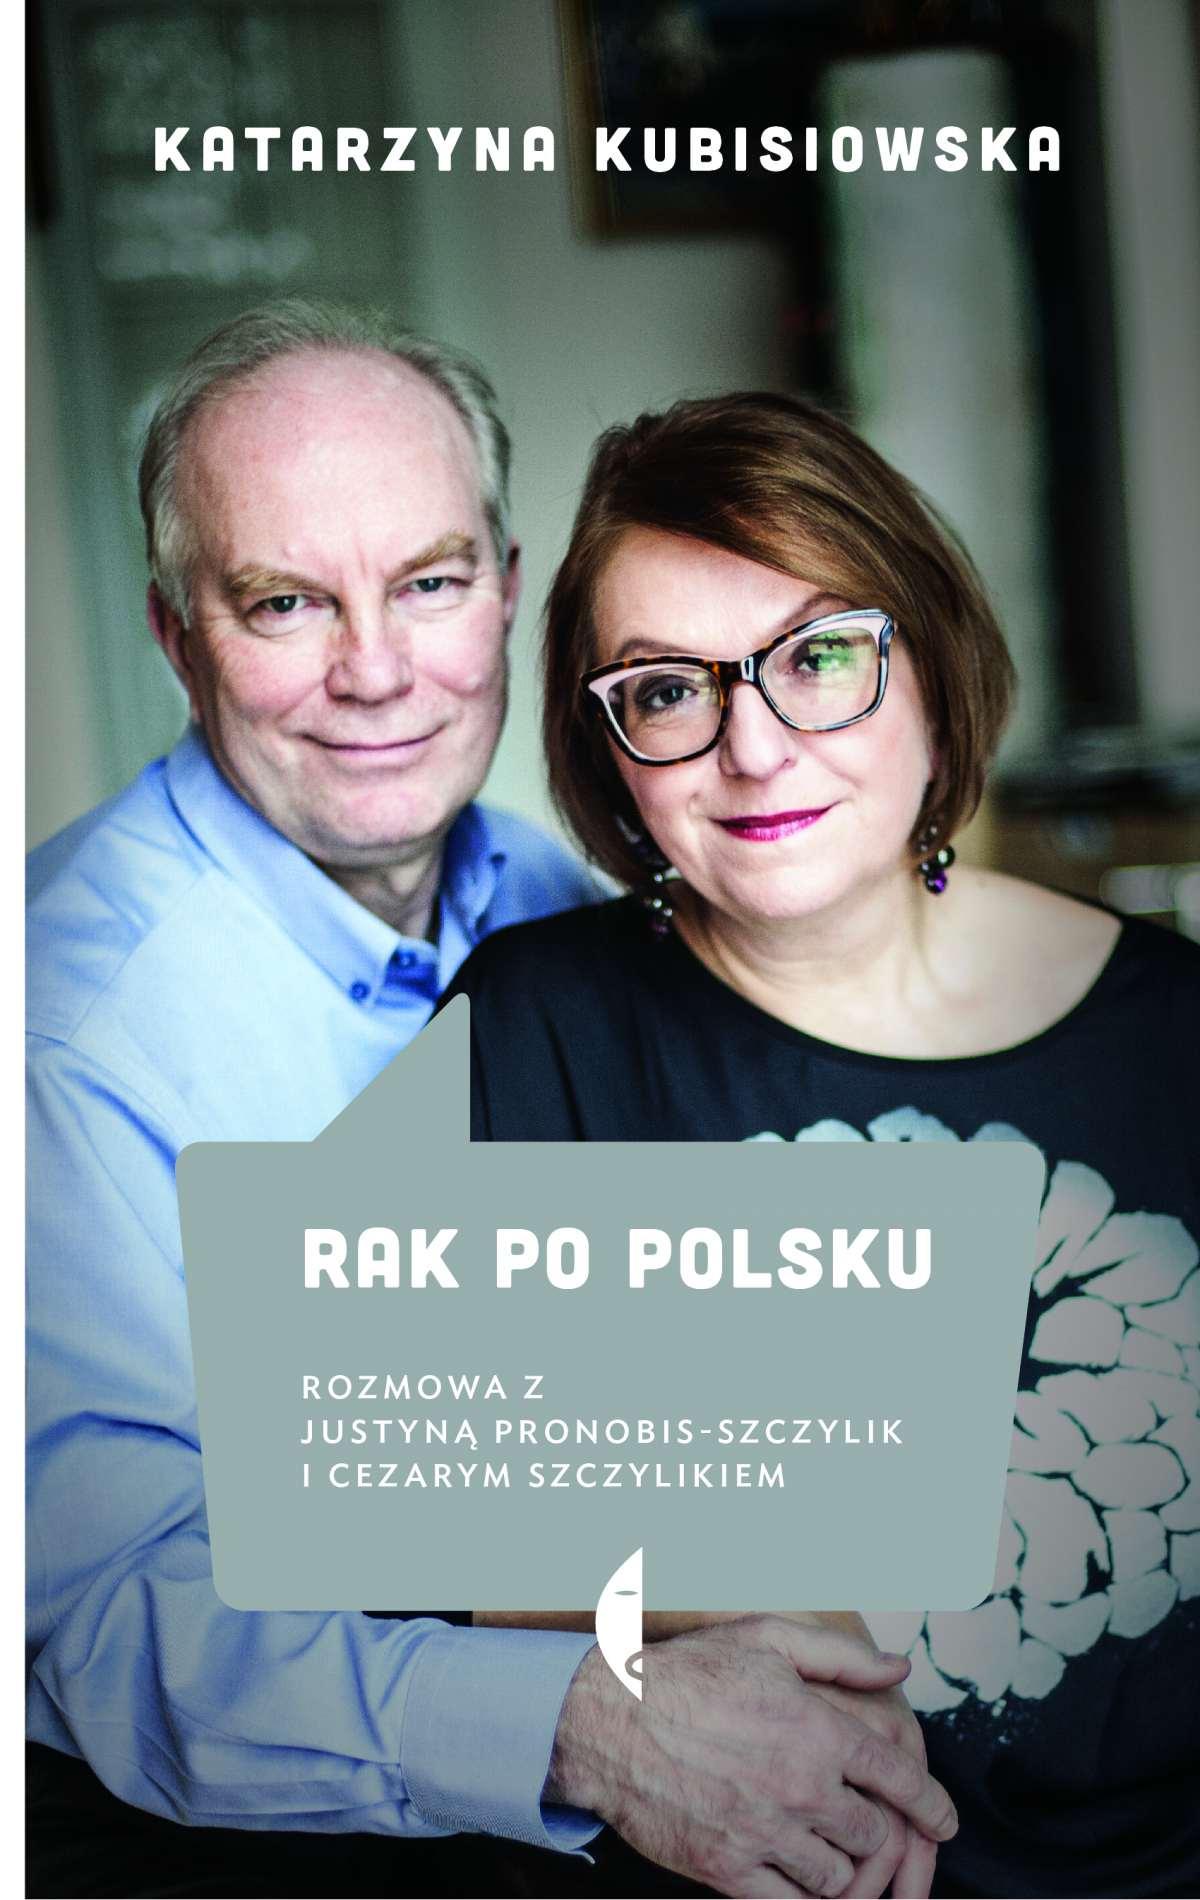 Rak popolsku. Rozmowa zJustyną Pronobis-Szczylik iCezarym Szczylikiem - Ebook (Książka EPUB) do pobrania w formacie EPUB